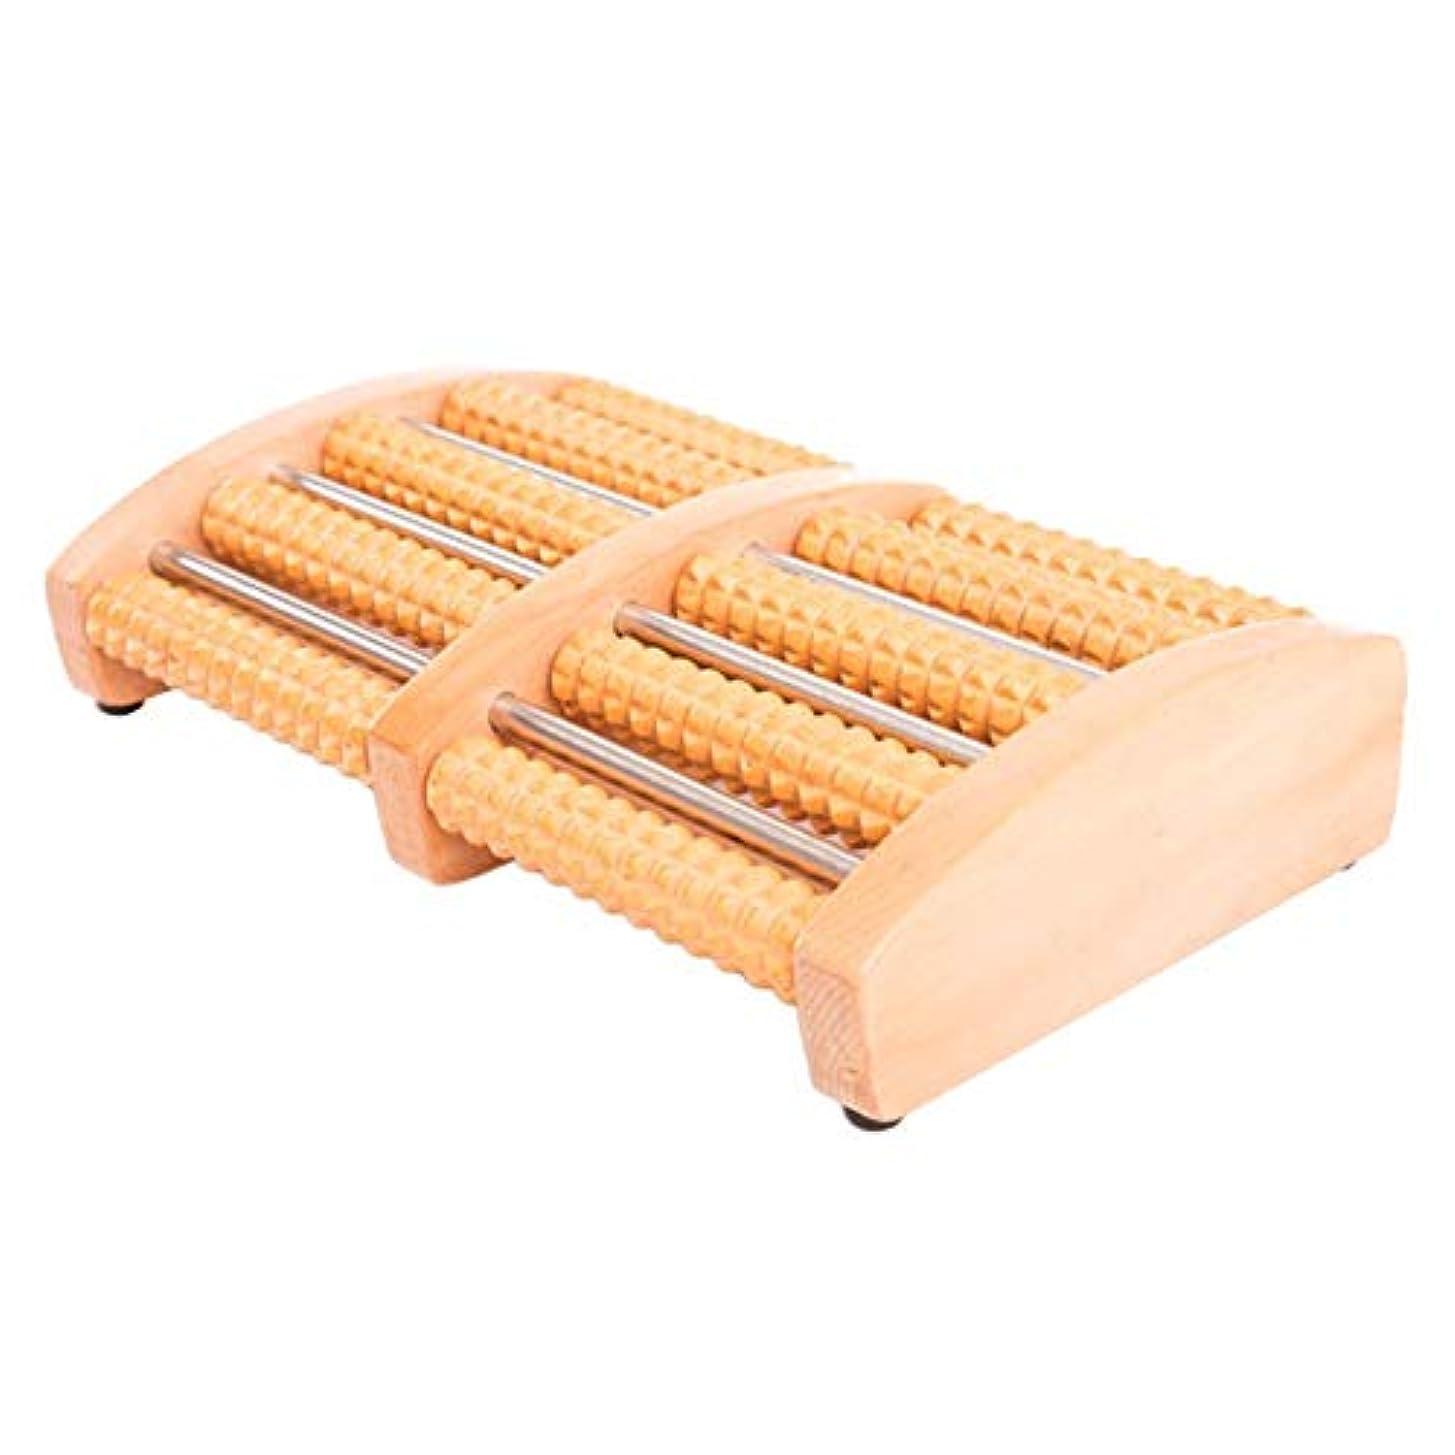 ドレスパパ回想AIMERKUP フットマッサージローラー、足のアーチの痛みと足底筋膜炎筋肉ローラースティック、リラクゼーションとストレス解消のための指圧リフレクソロジーツール(木製ローラー) helpful